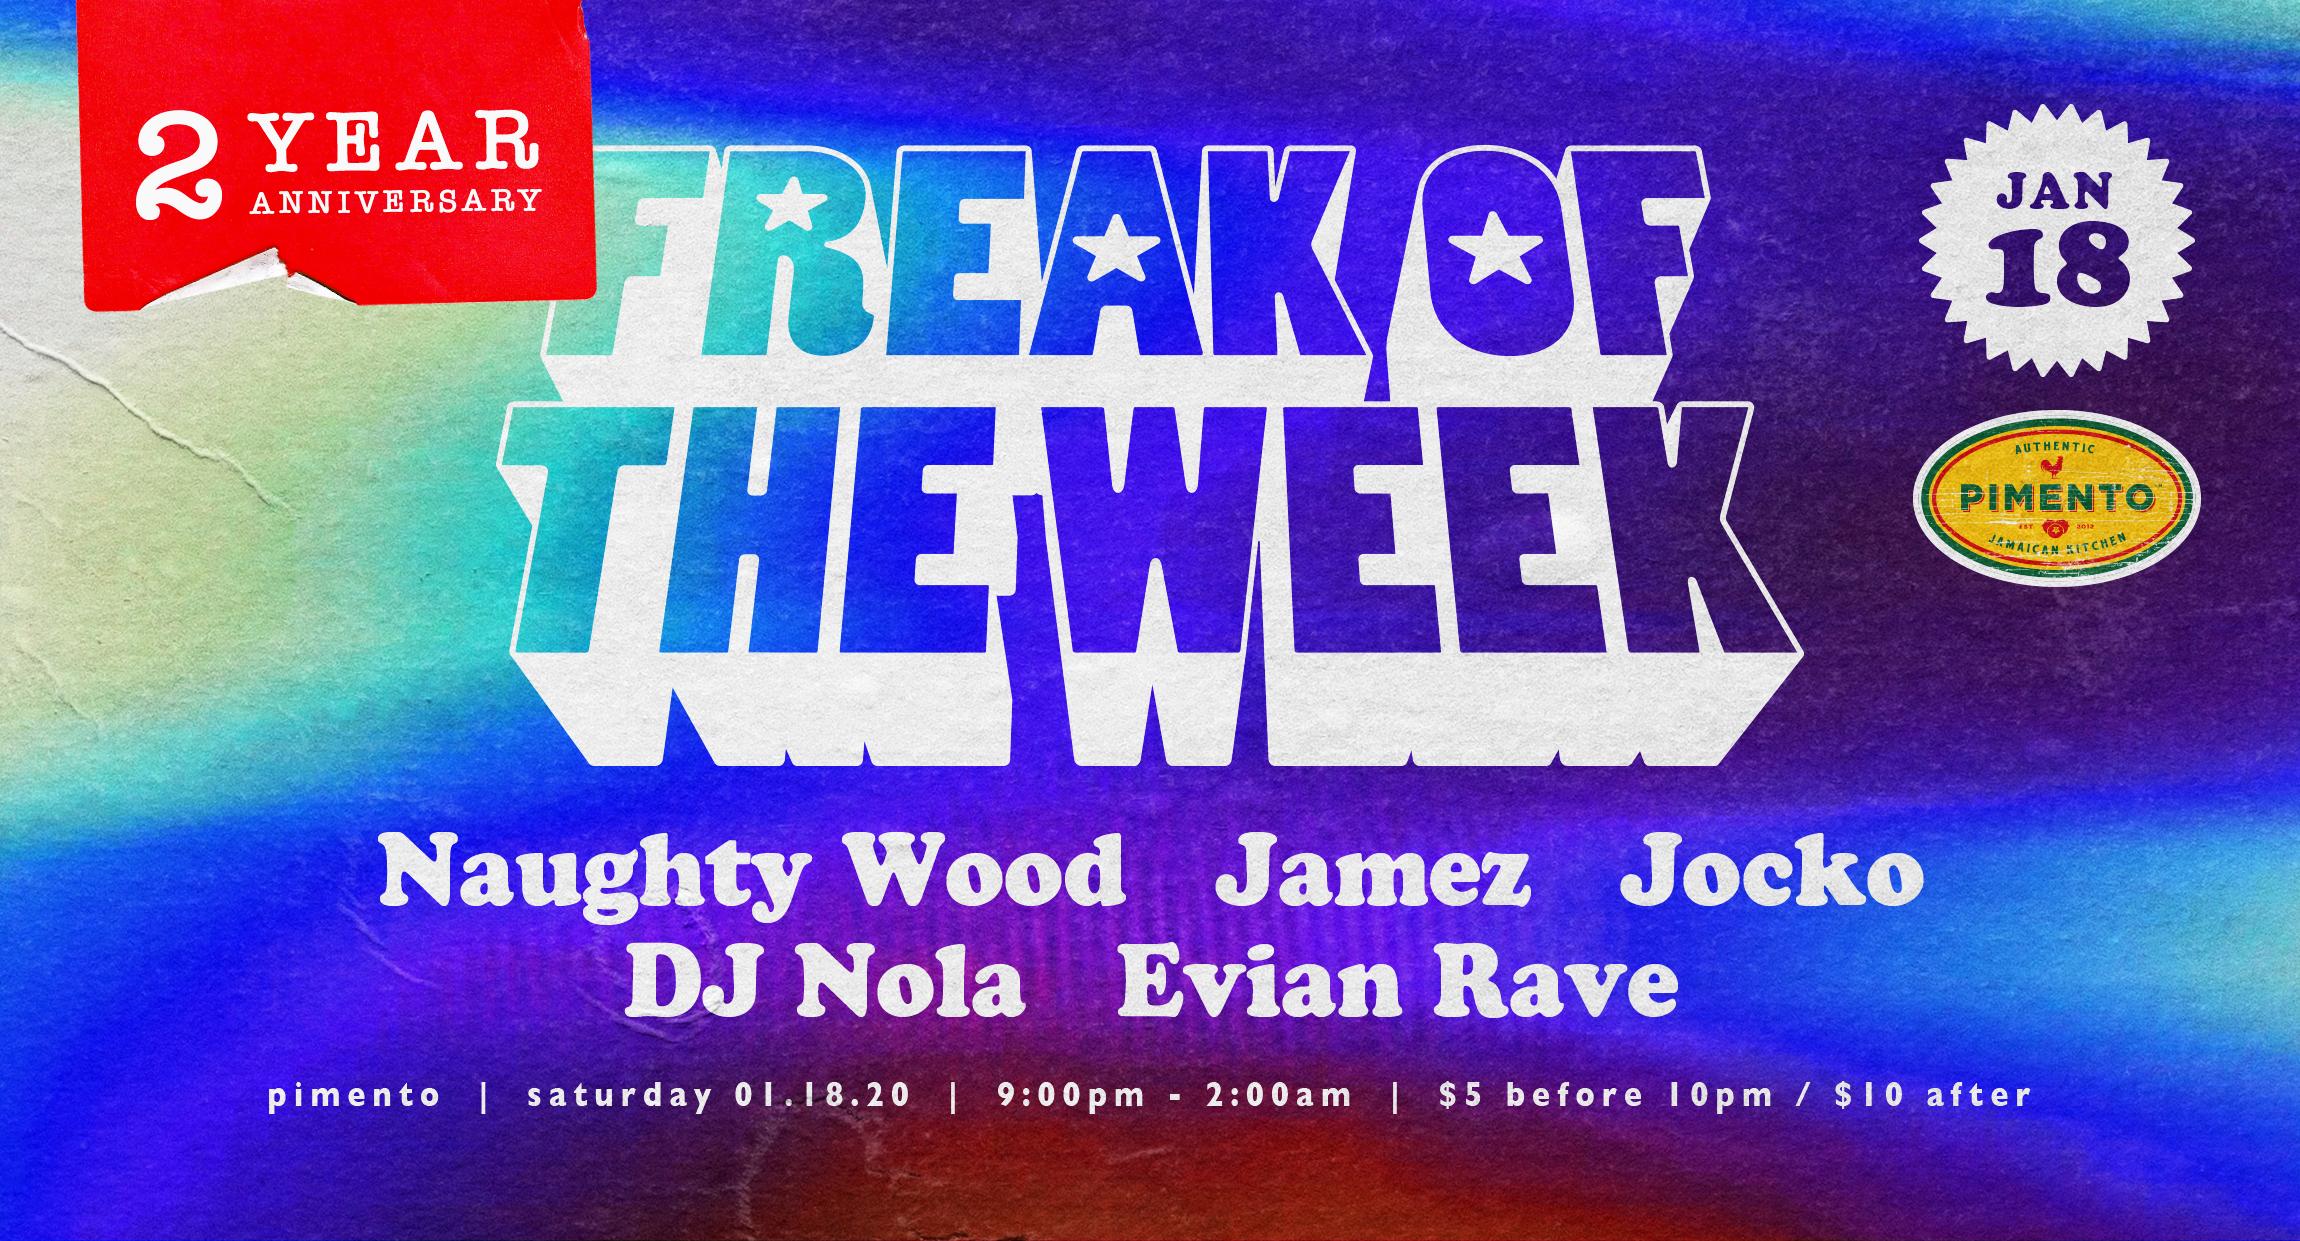 FreakOfTheWeek_Flyer_Jan18